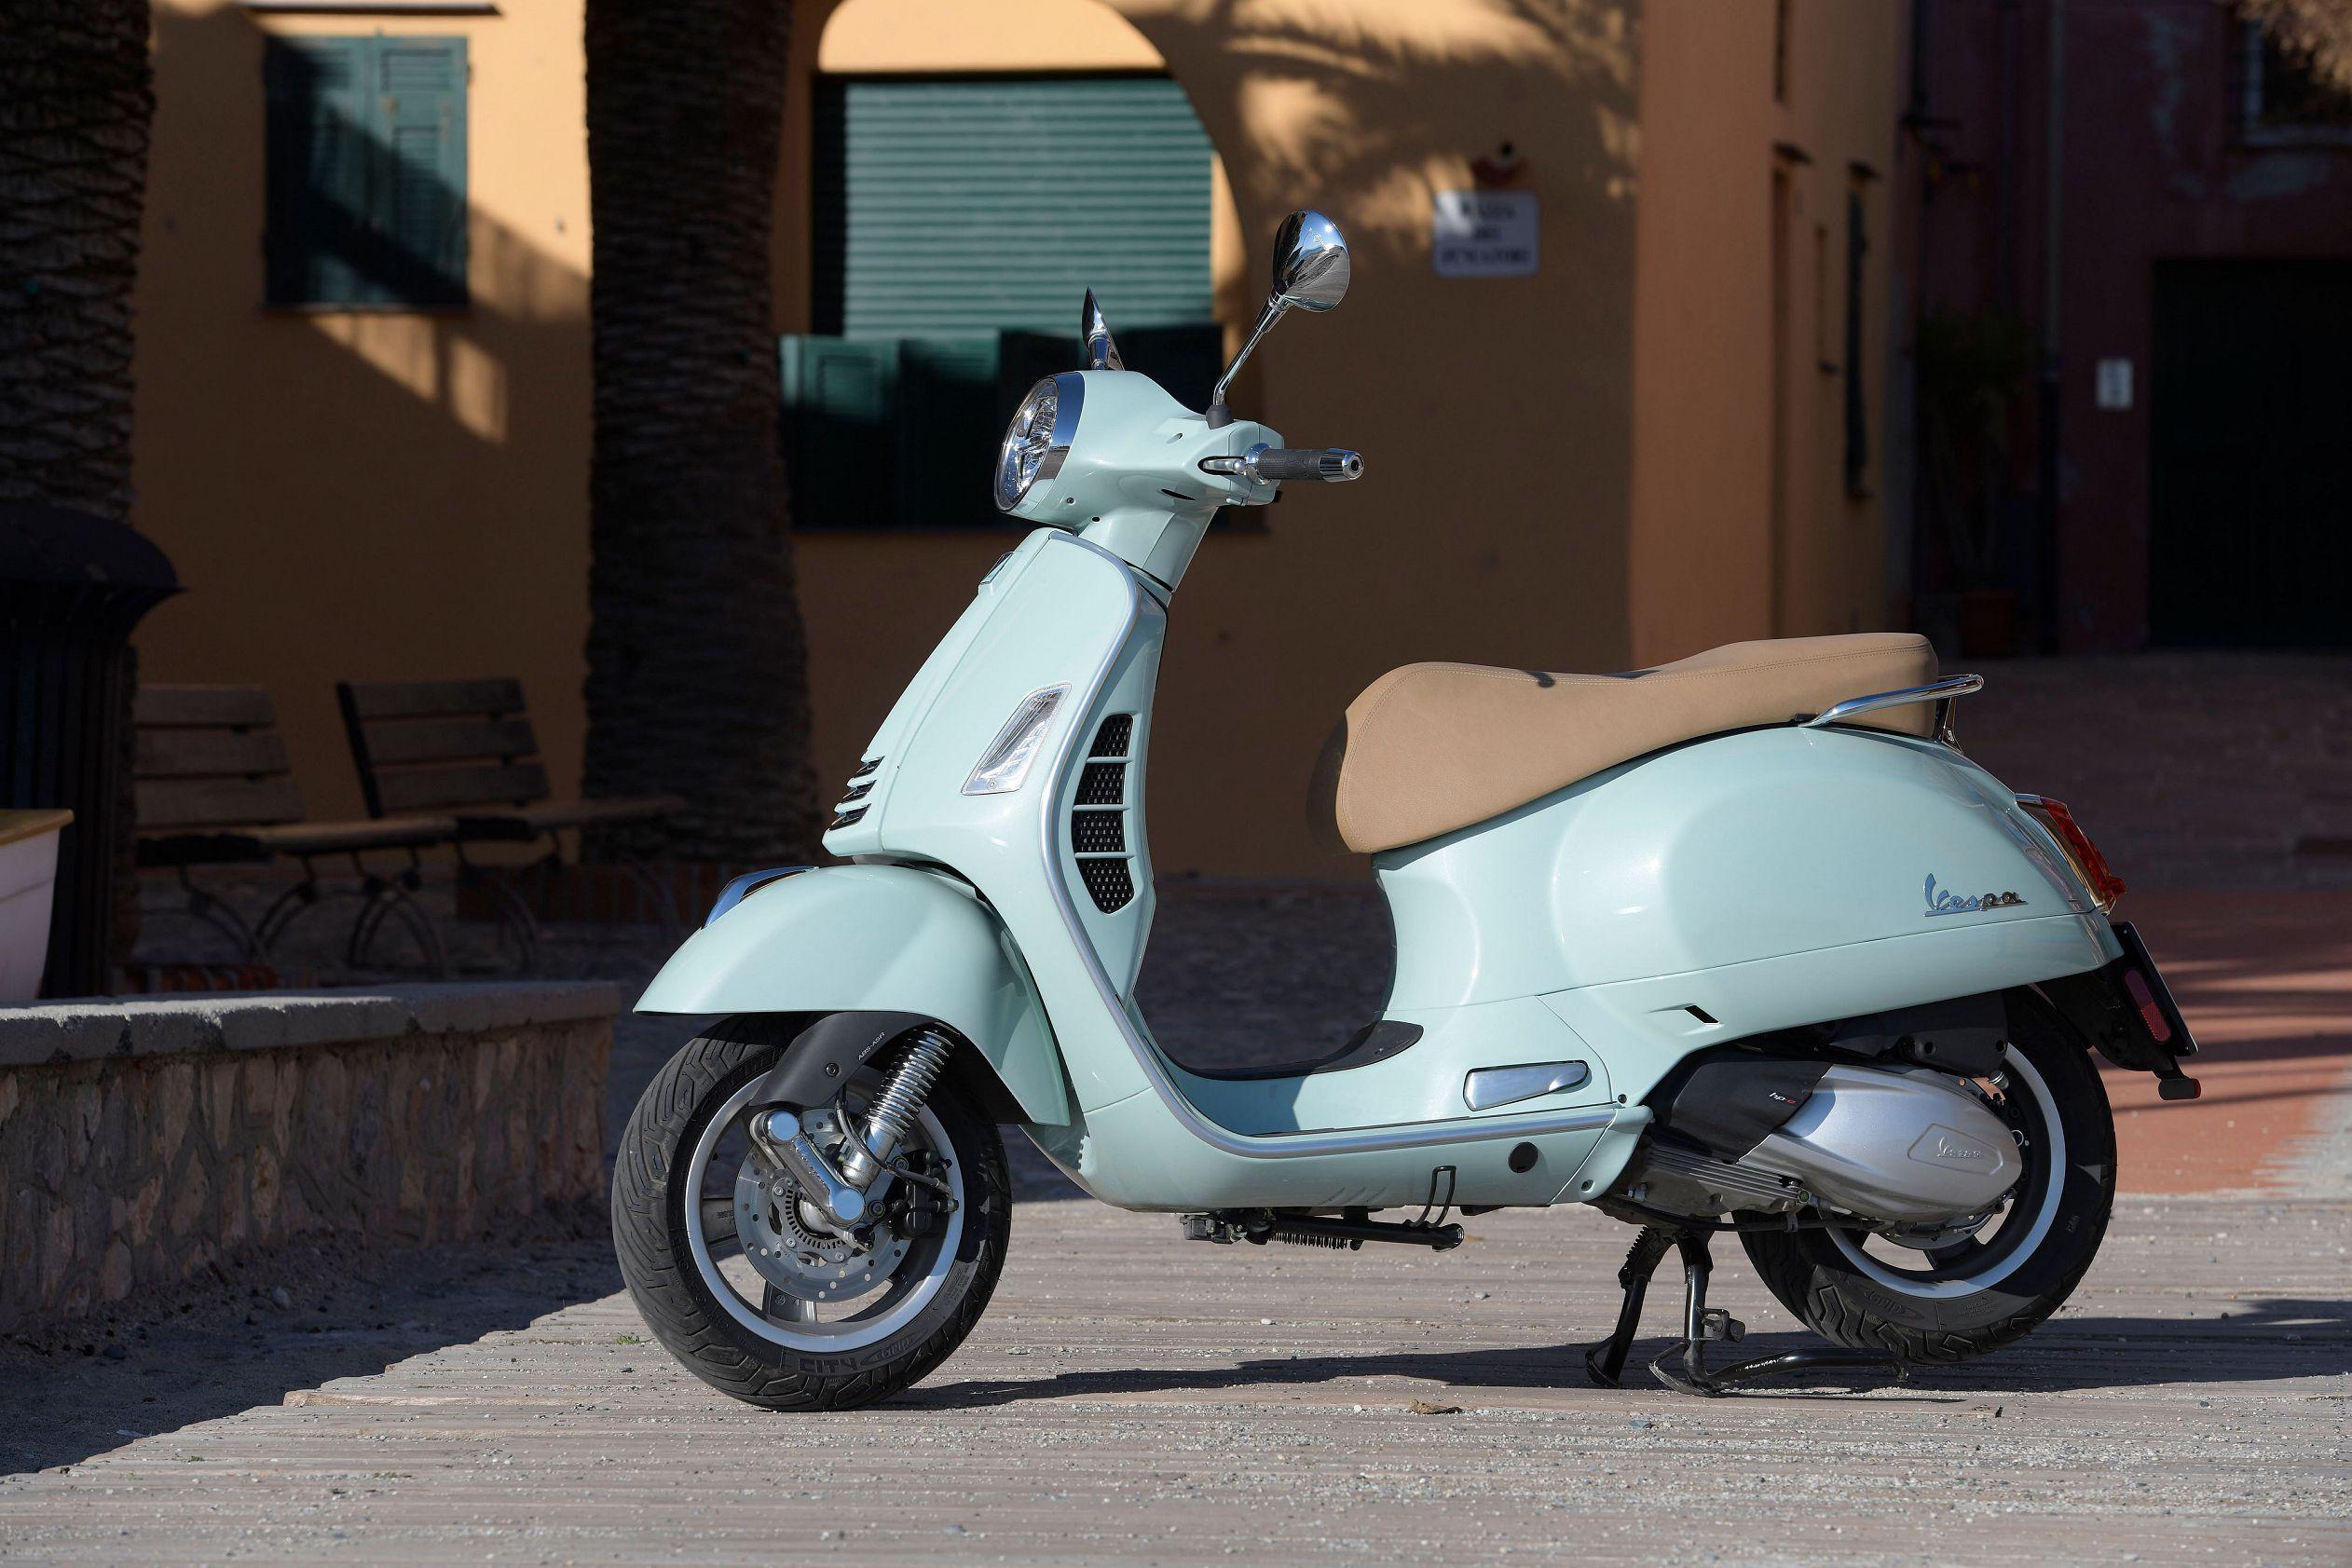 2019 2020 Vespa Gts 300 Hpe Vespa Gts Vespa Vespa Scooters